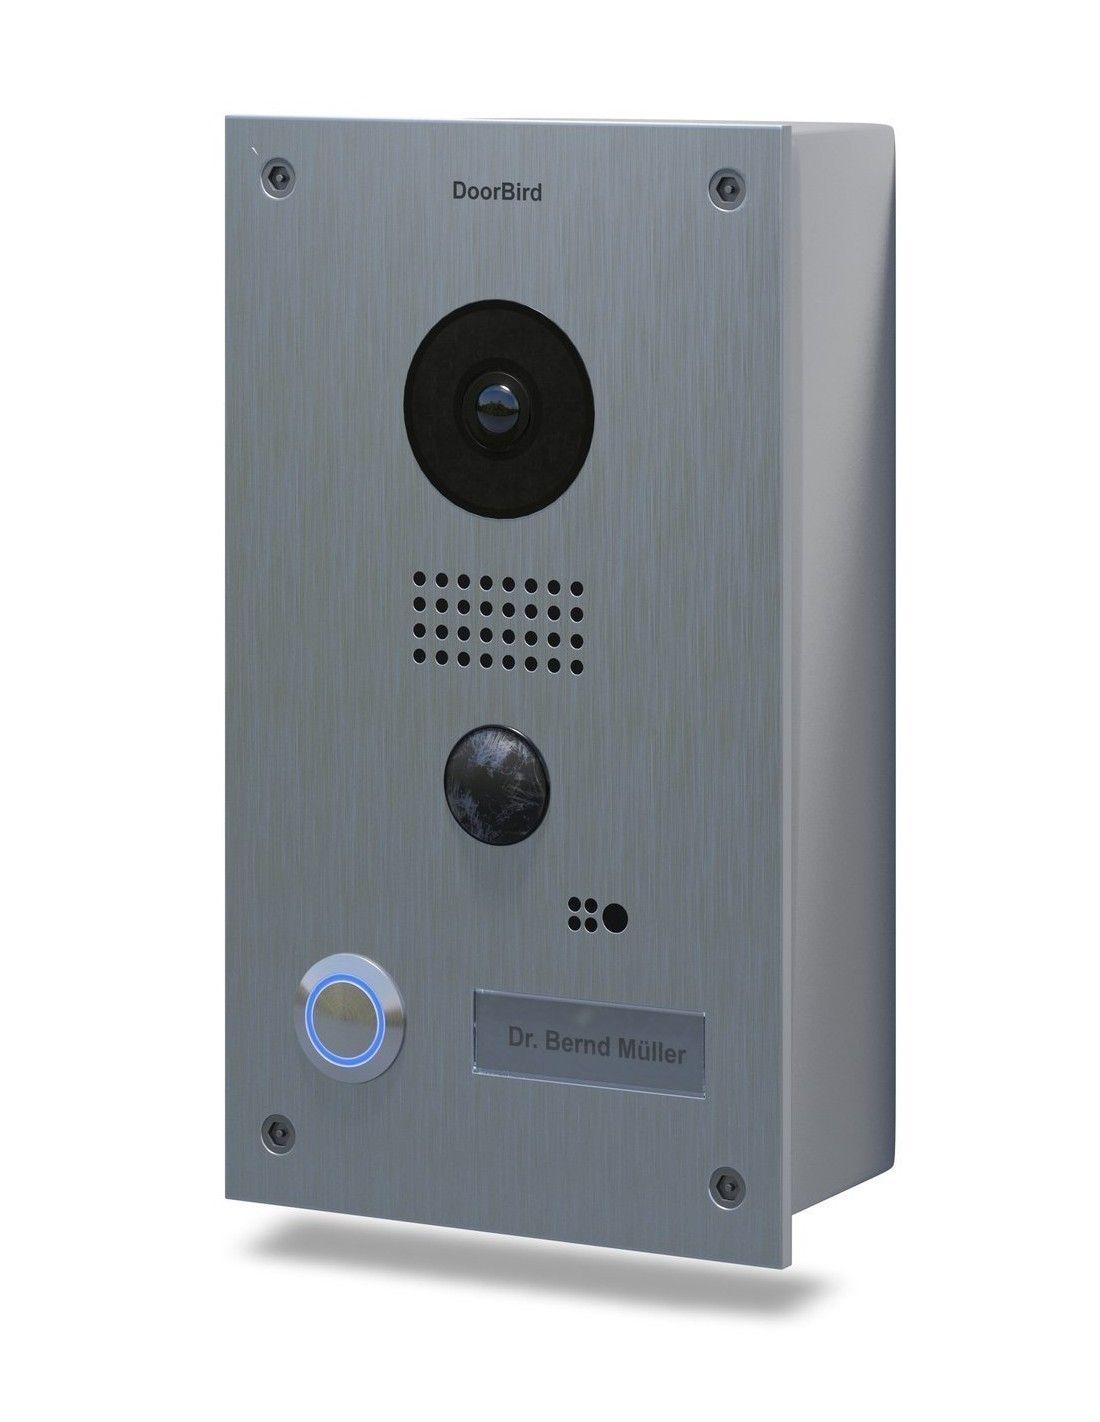 Doorbird portier vid o connect d201 acier inoxydable dition apparente - Portier video connecte ...